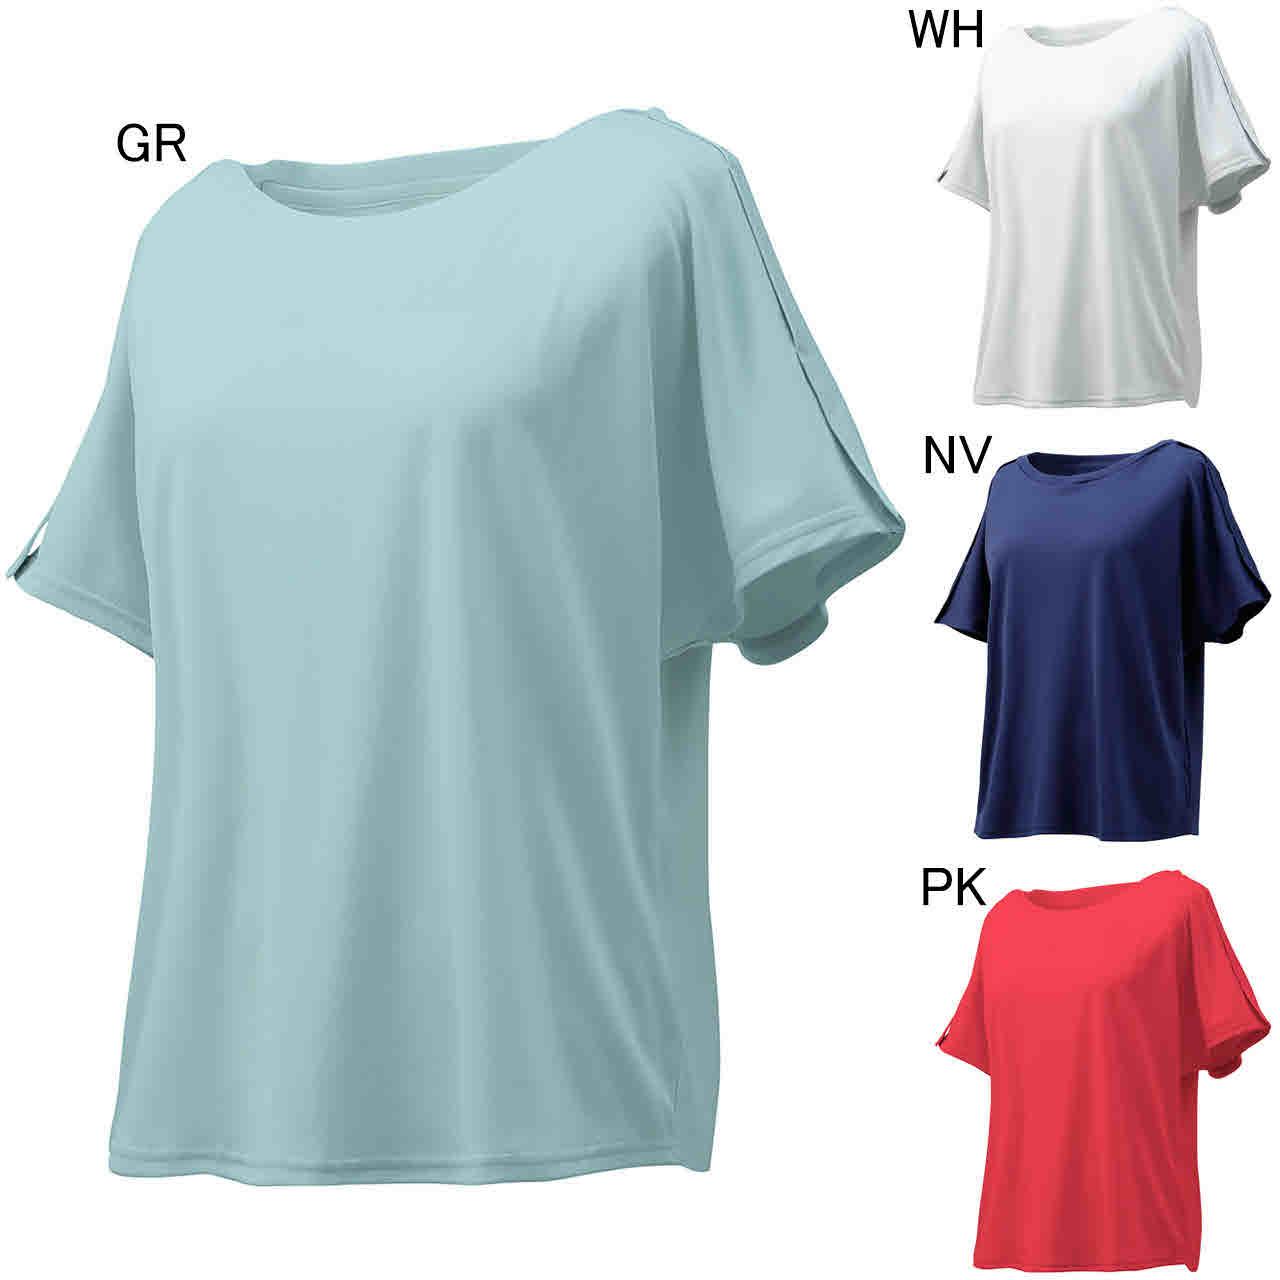 デサント エクササイズ フィットネス シャツ トップス レディース レディース ウォーターブロック Tシャツ DMWNJA54